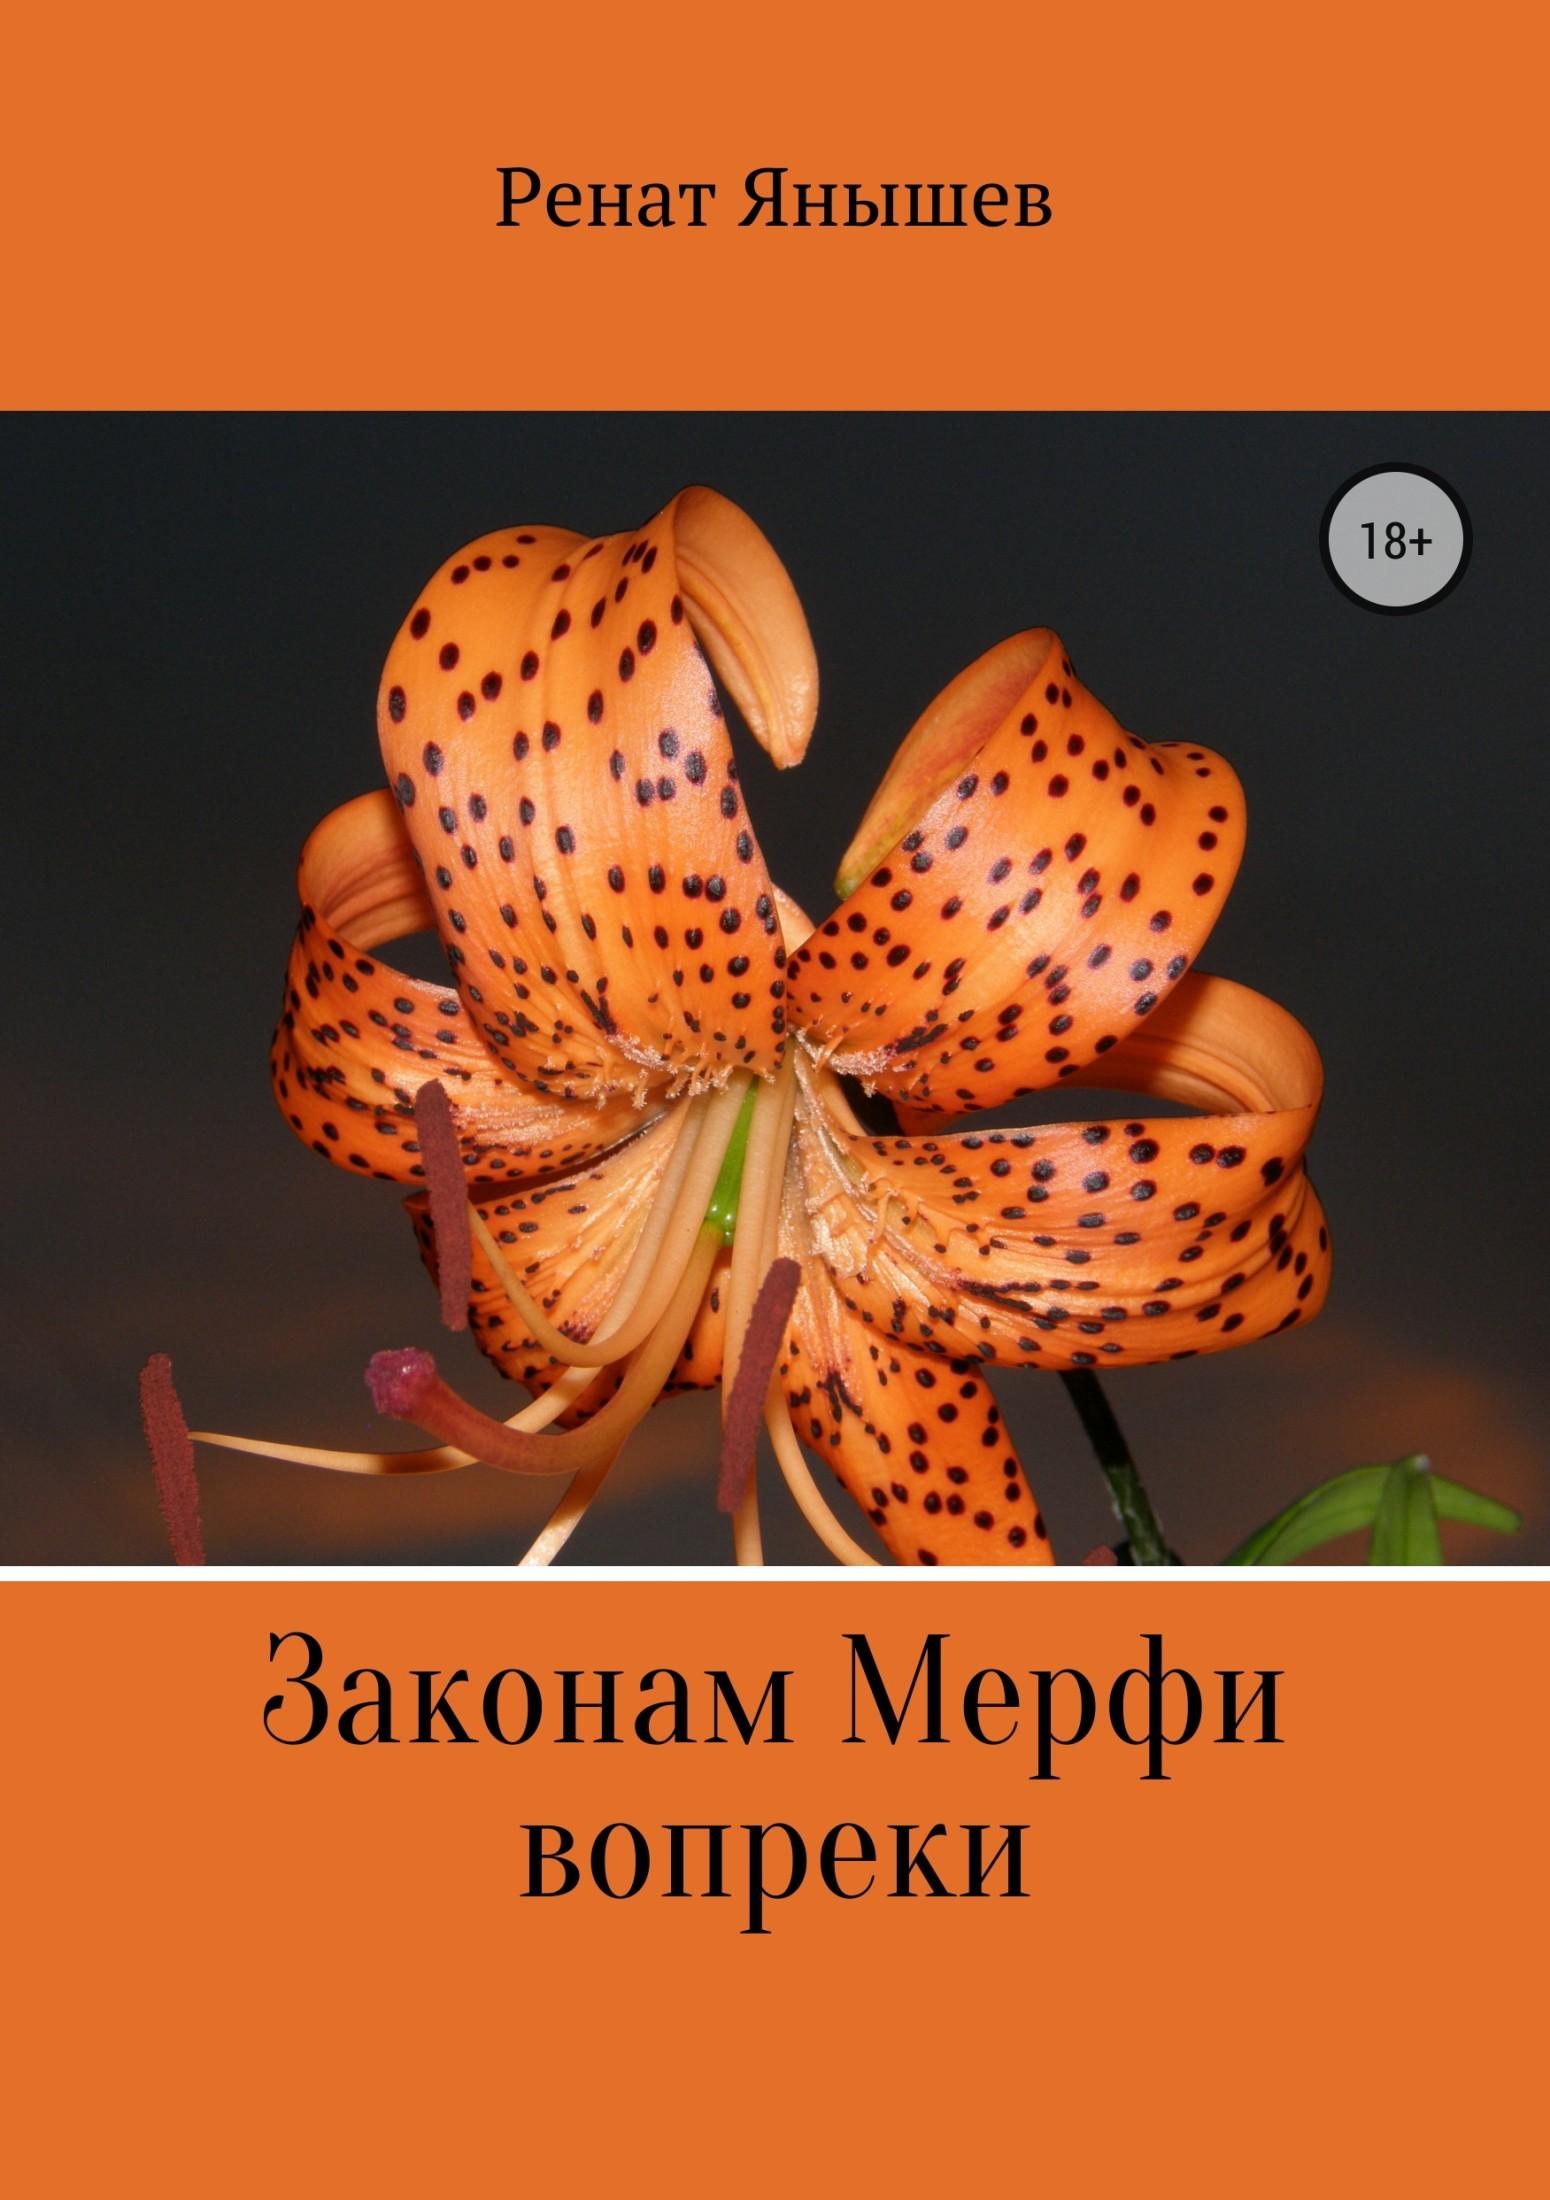 Ренат Янышев. Законам Мерфи вопреки